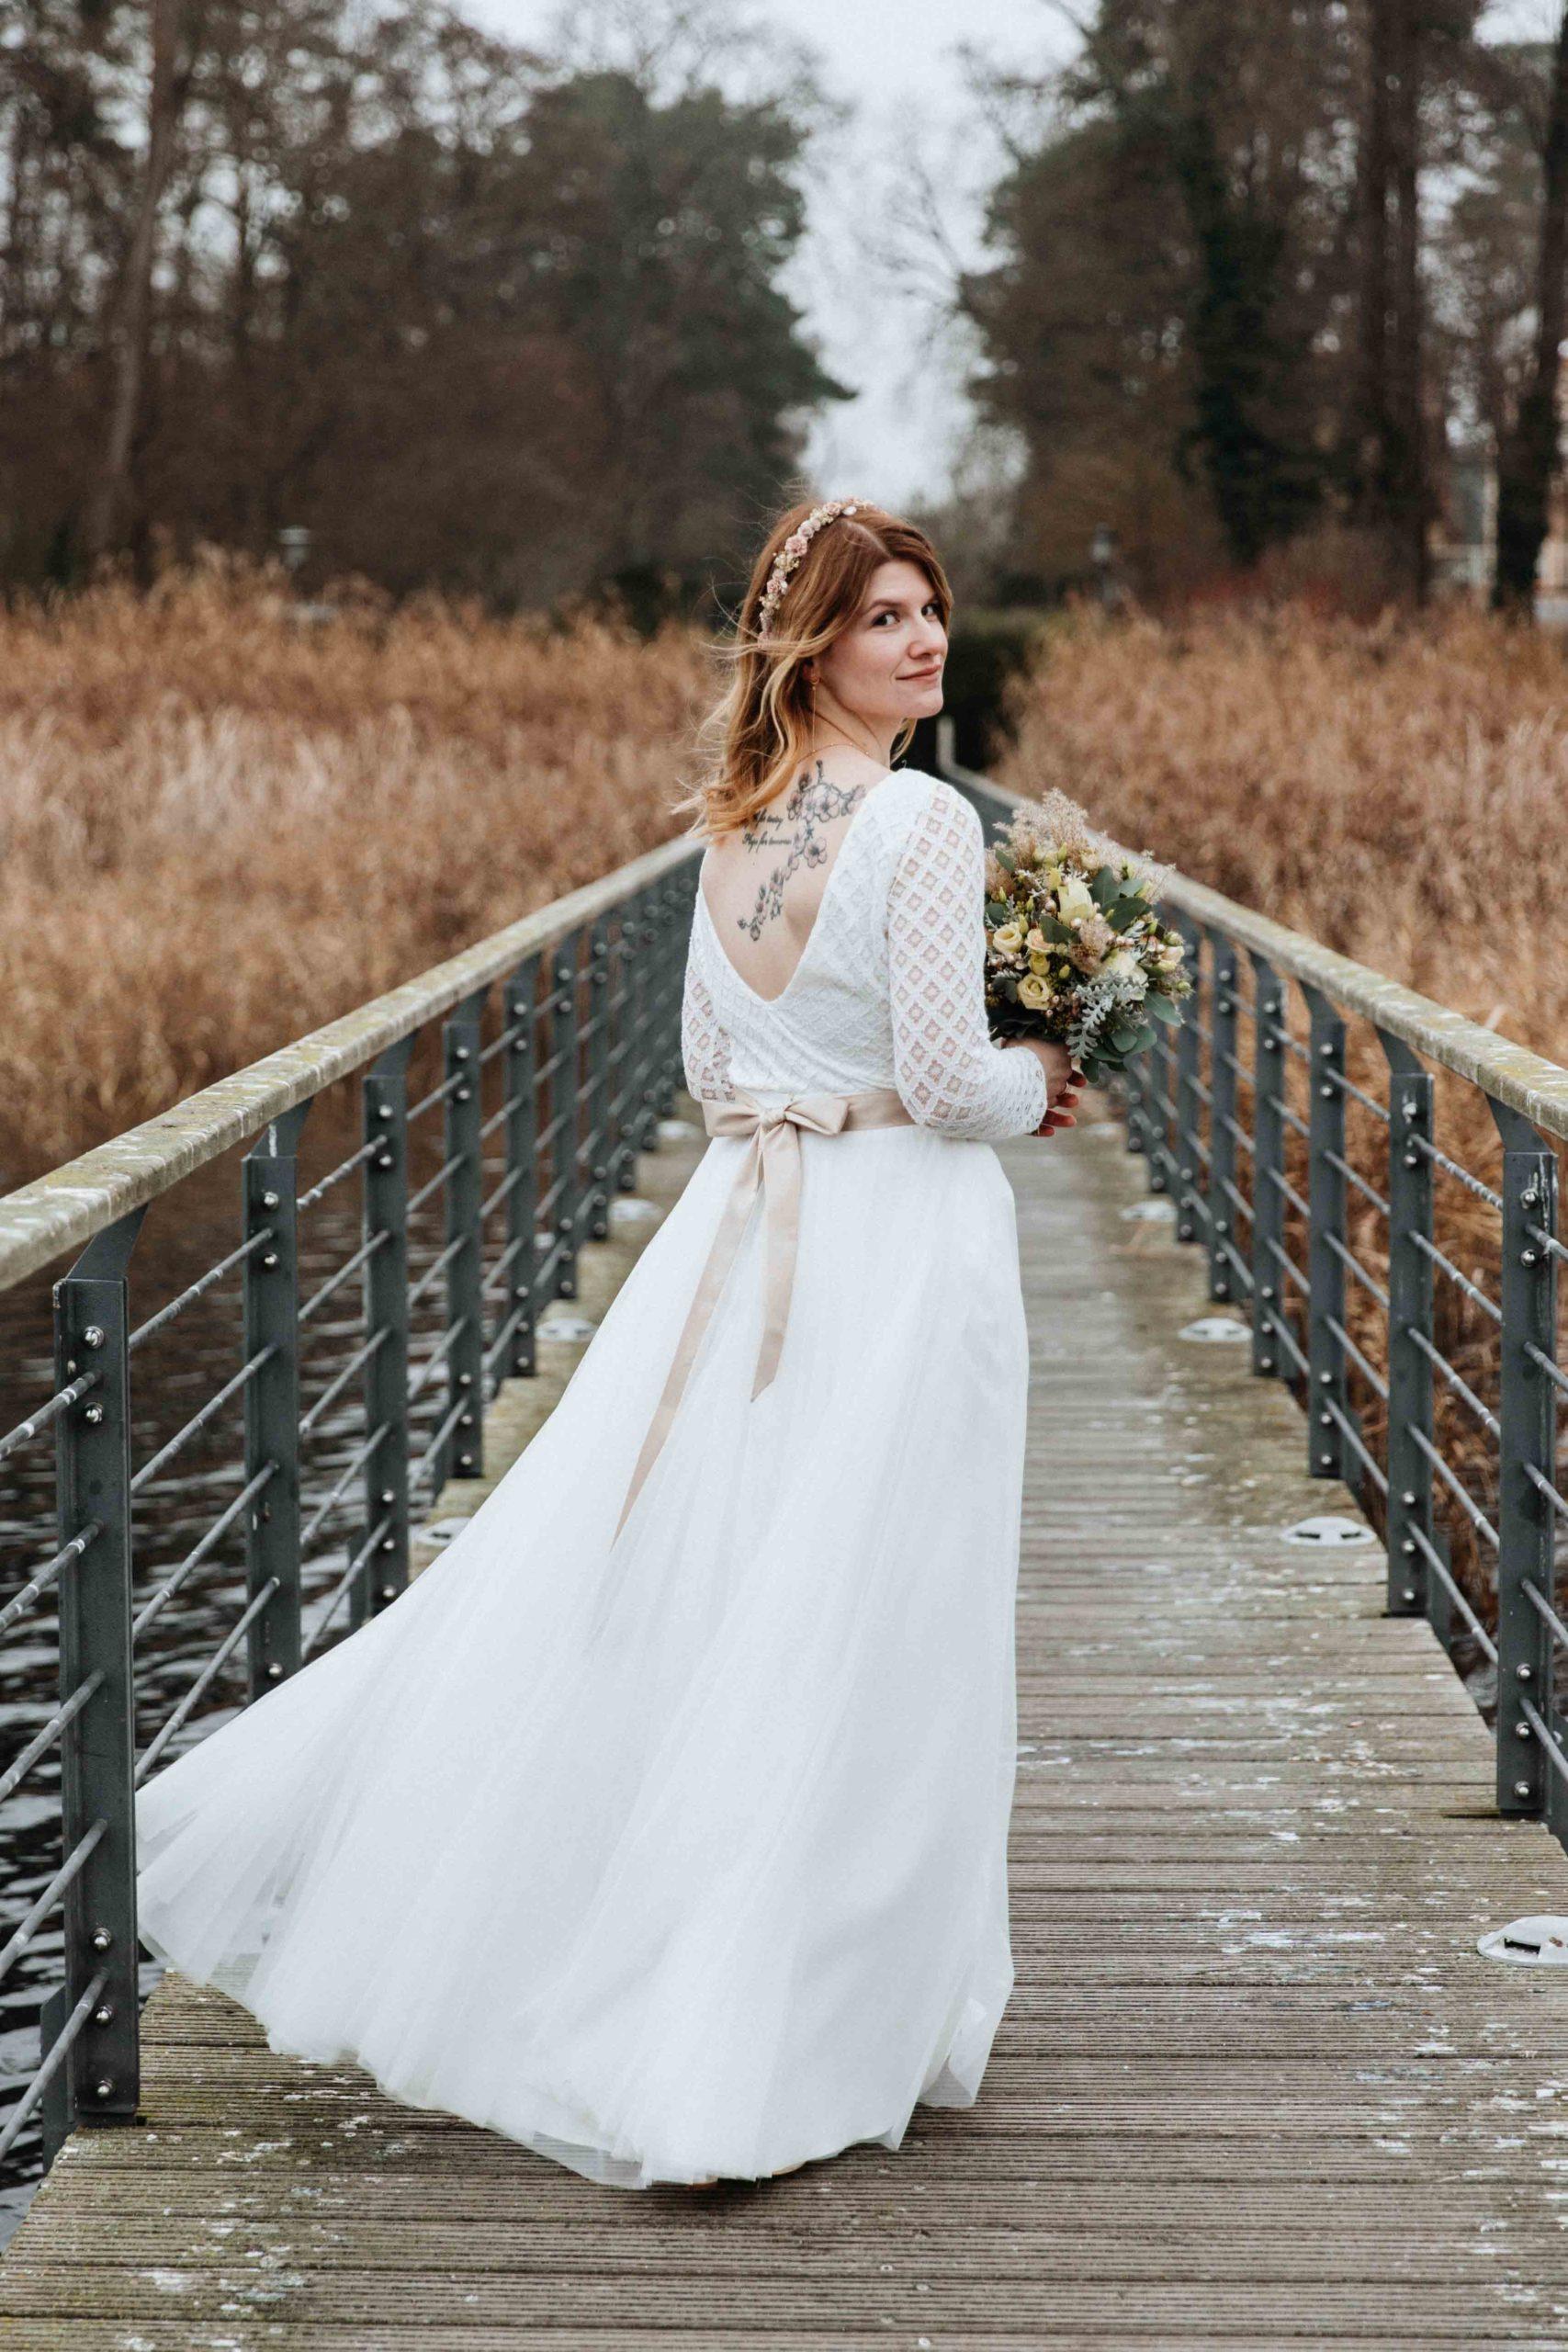 noni Brautmode, Braut in langem, weißen Brautkleid mit Rückenausschnitt auf Steg